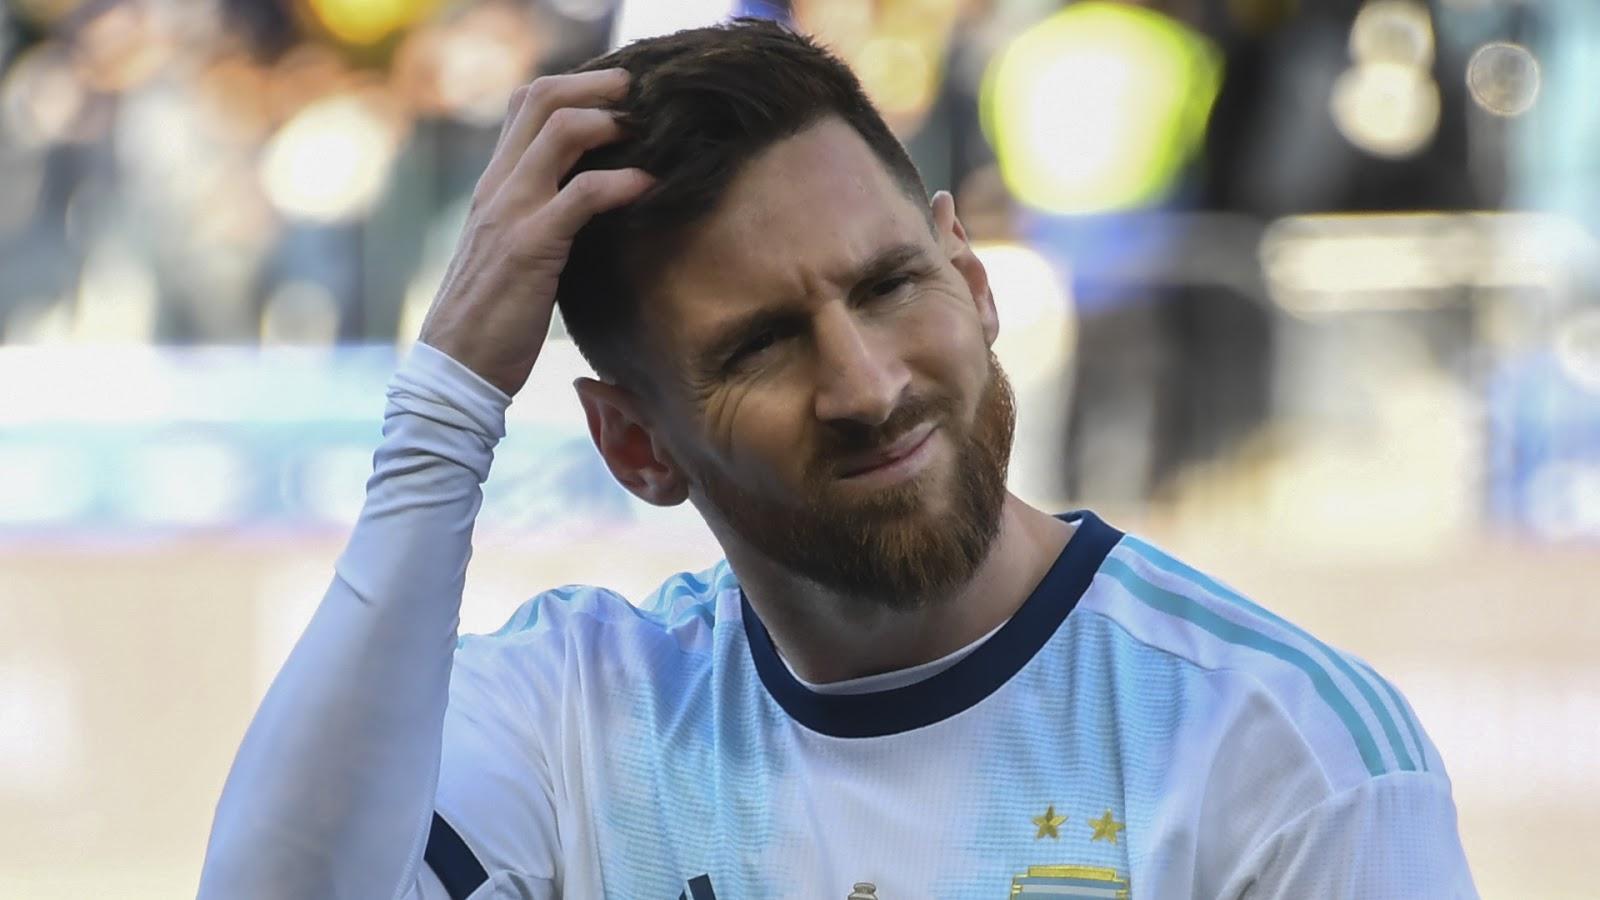 نتيجة مباراة الأرجنتين والمكسيك اليوم الأربعاء 11/09/2019 الودية